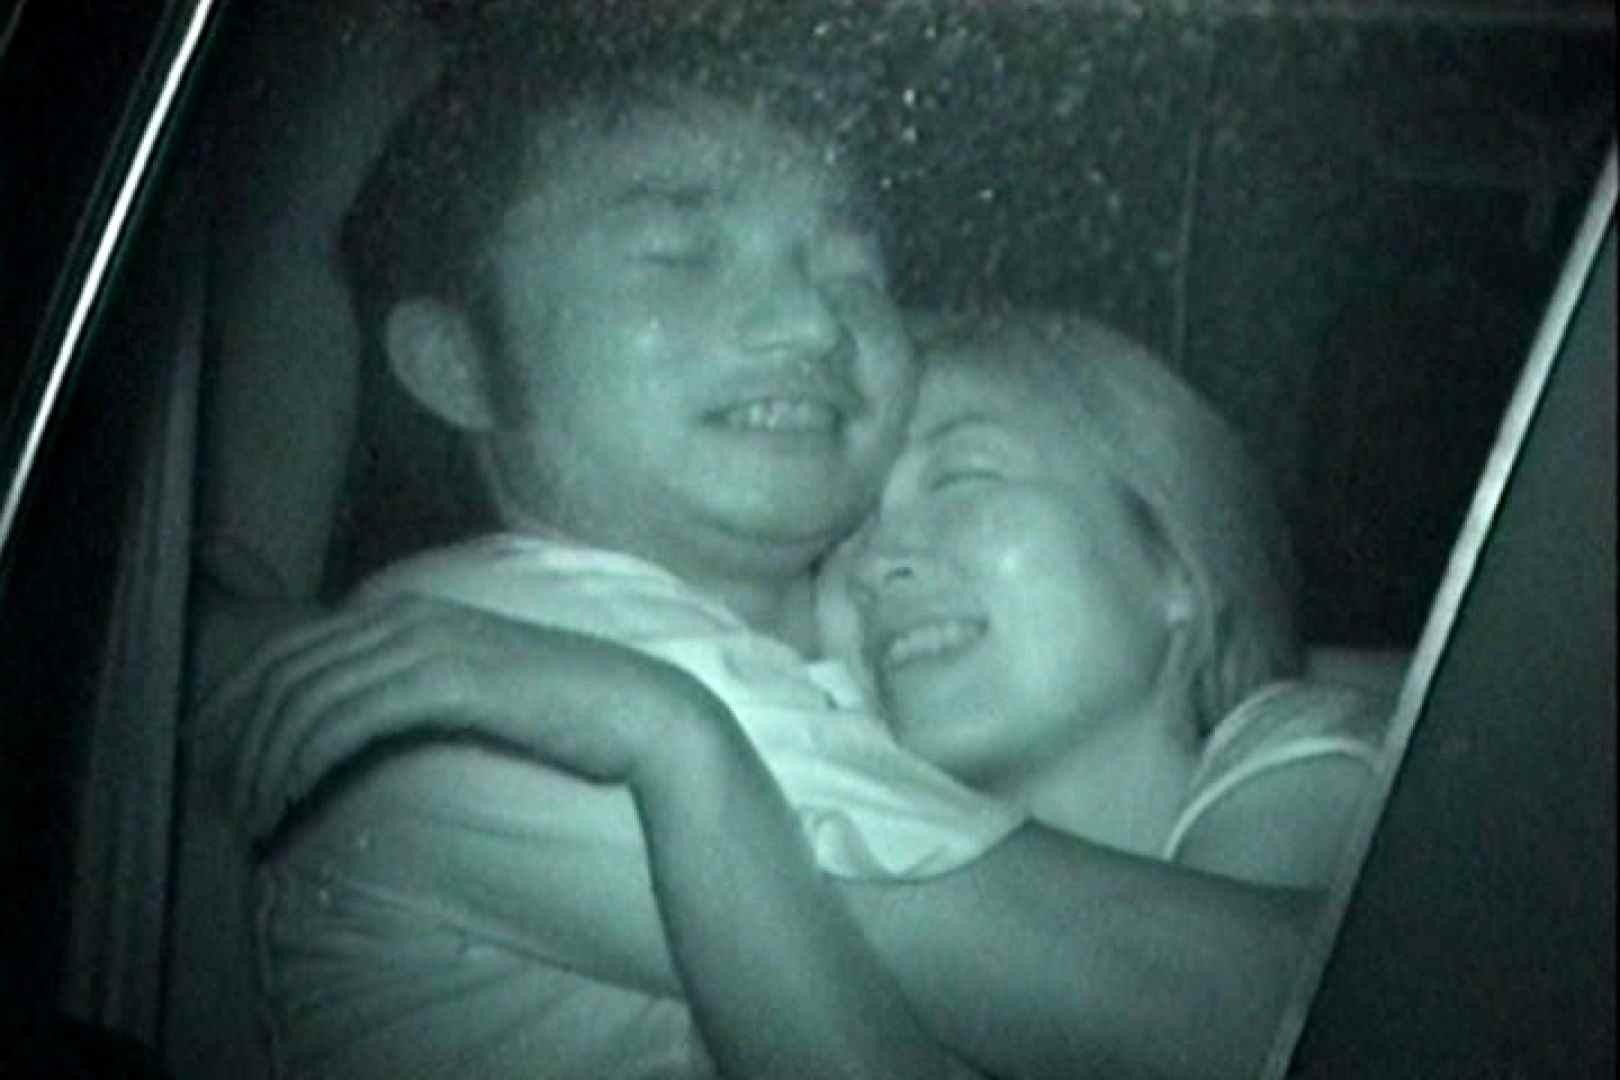 充血監督の深夜の運動会Vol.143 性欲溢れる女性達 オメコ無修正動画無料 109pic 11